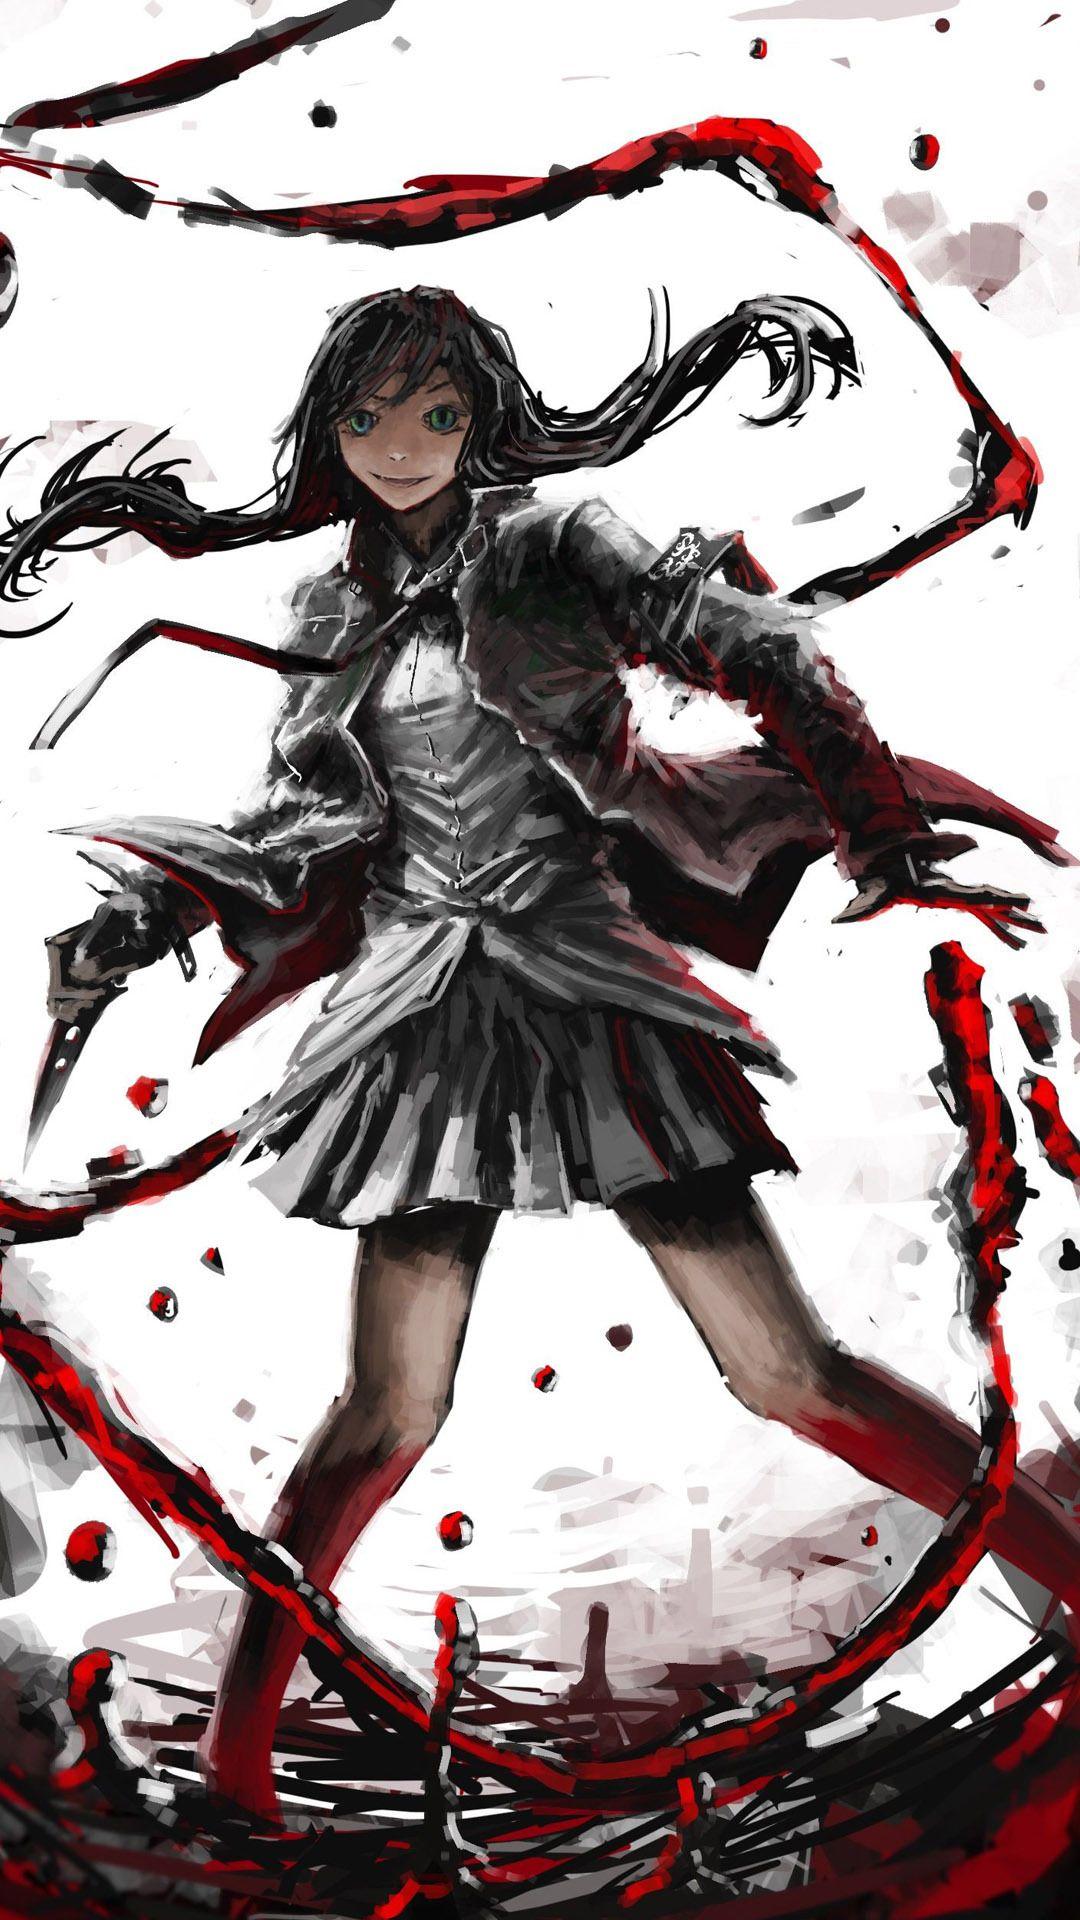 Killer Girl Anime Mobile Wallpaper X